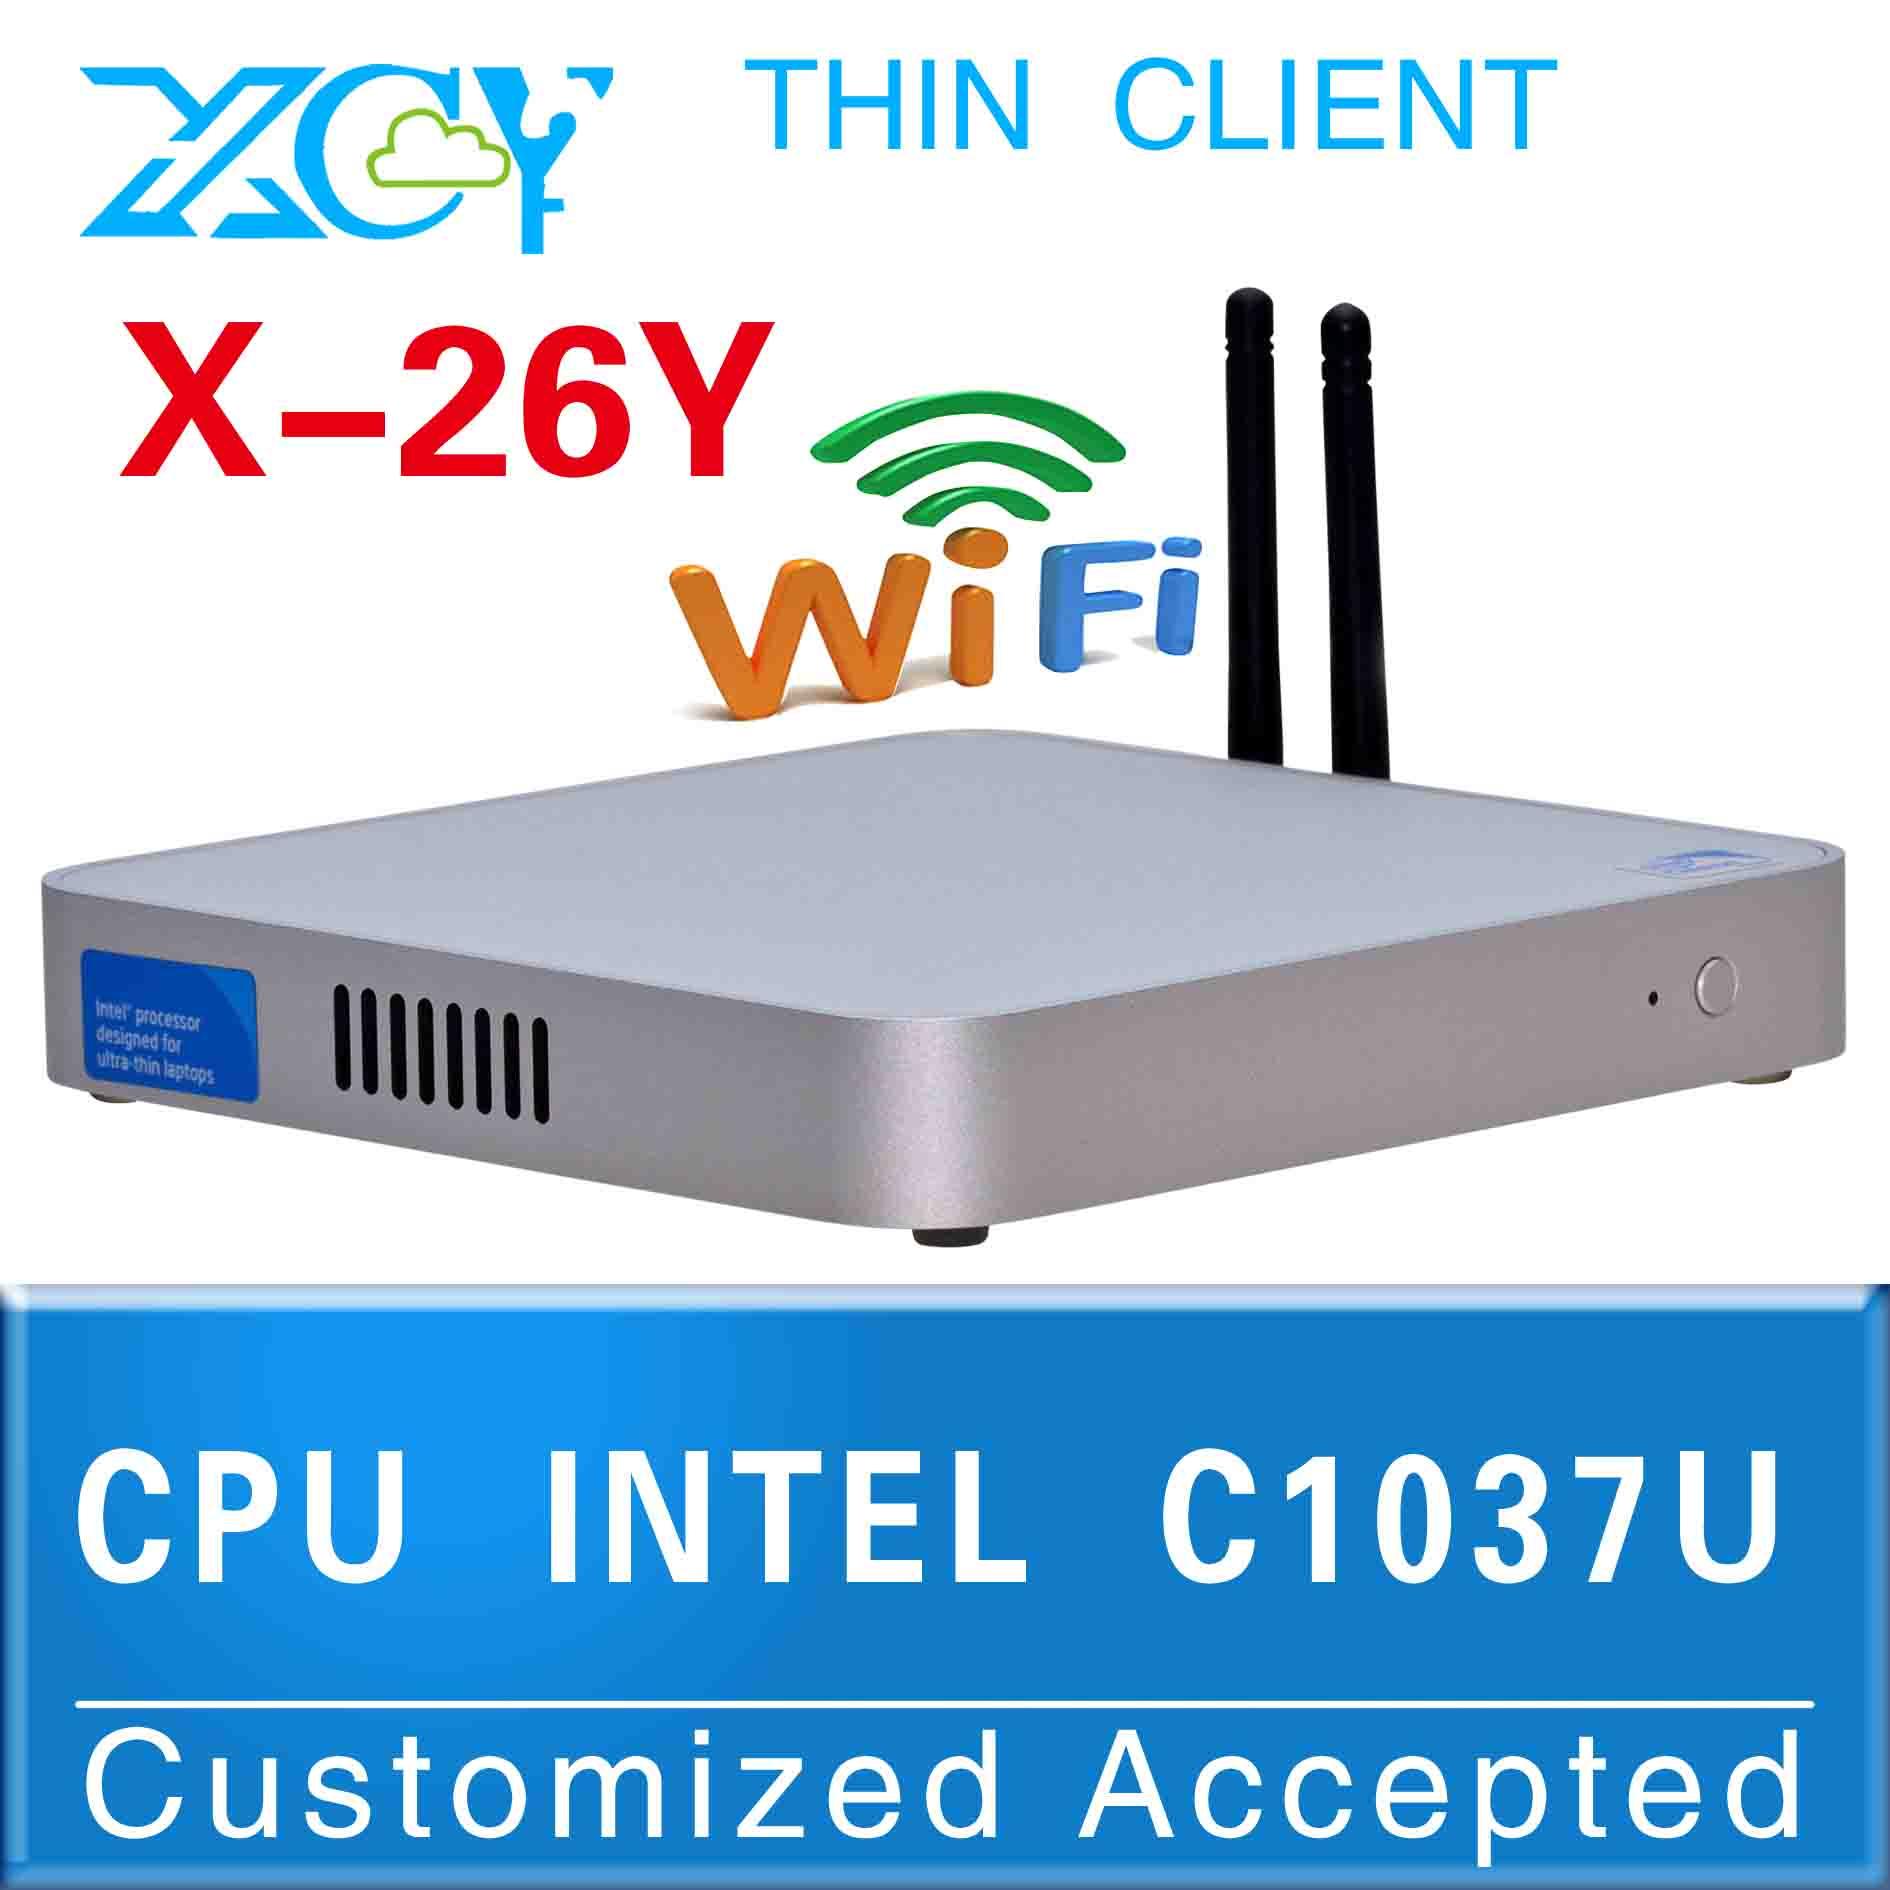 Новое прибытие!! Процессор Intel C1037U х-26Y Миниый случай ITX HTPC корпуса миниый случай ITX поддержка Домашняя расширенная и встраиваемых